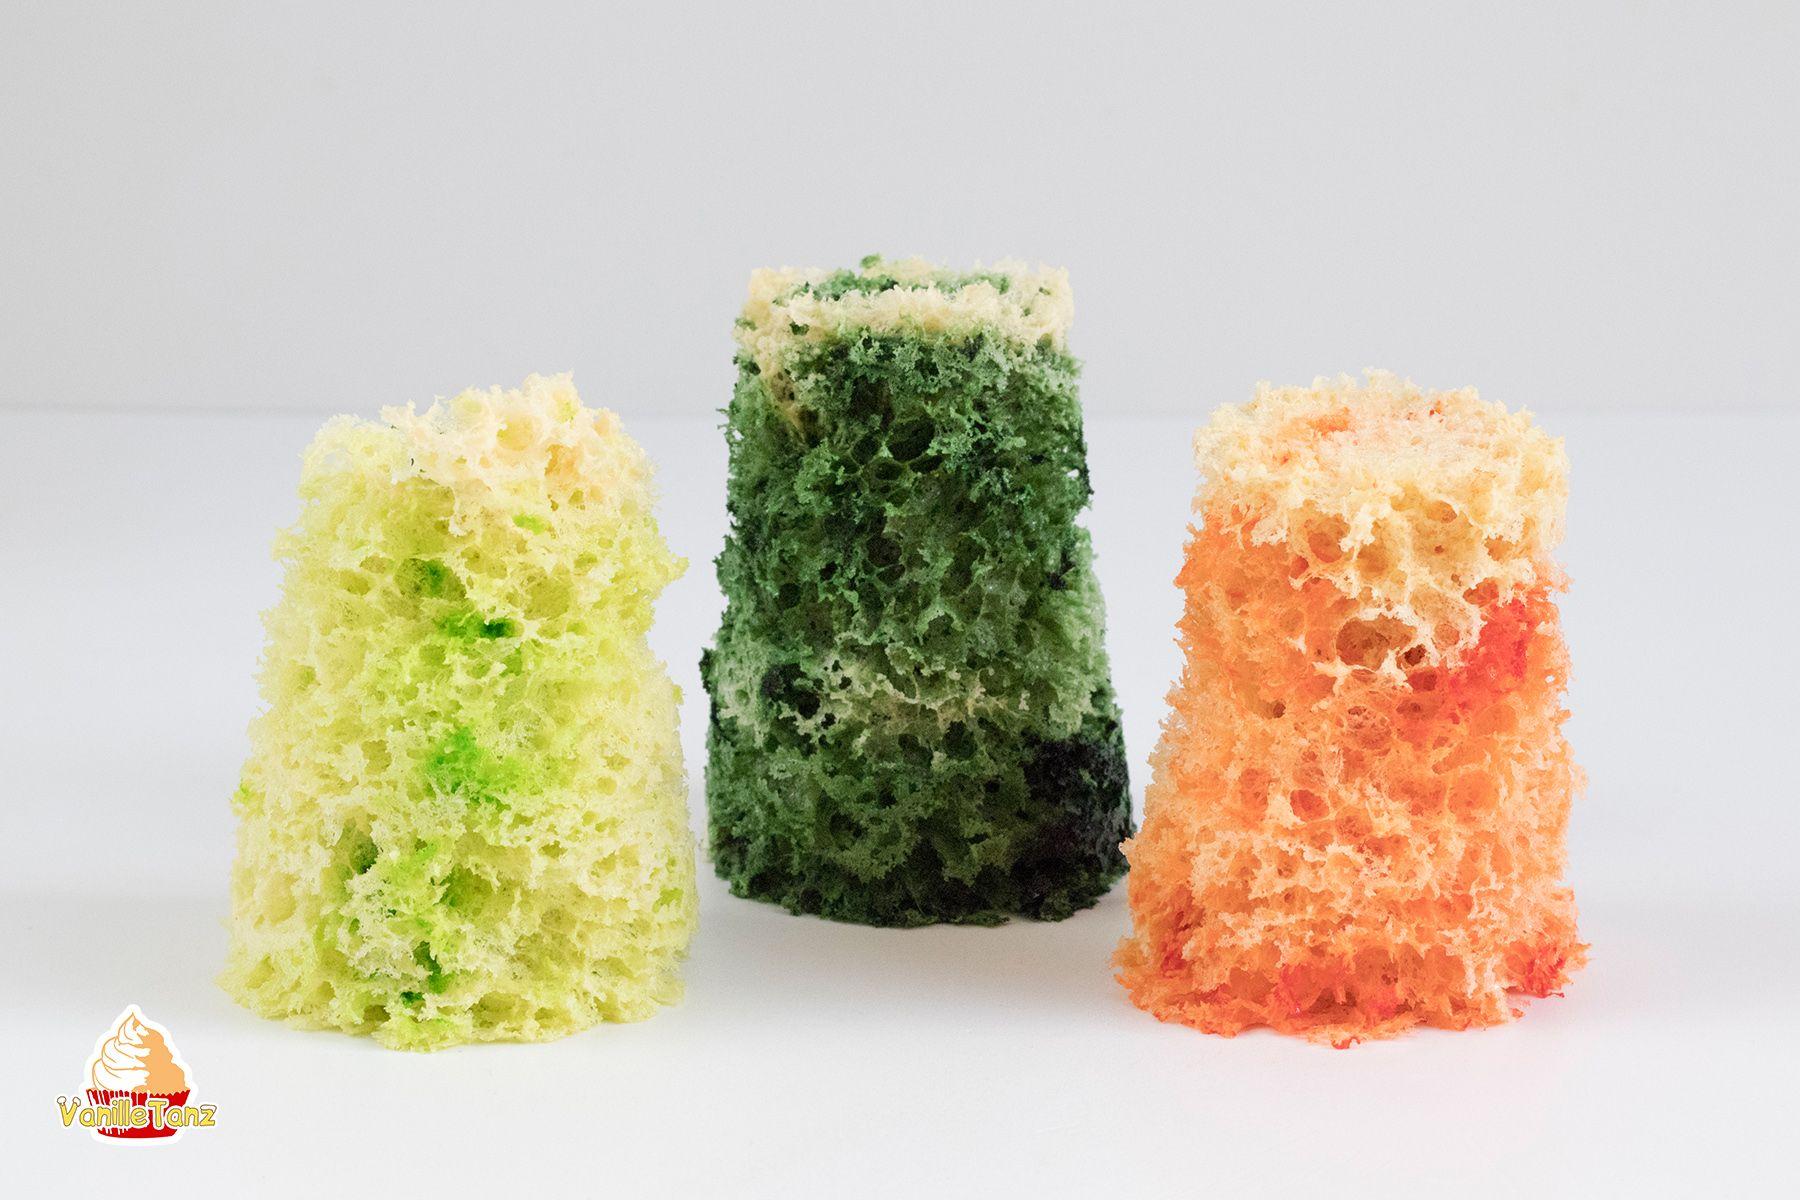 Mikrowellen Biskuit Ruhrteigschwammchen Schwammkuchen Aus Dem Becher Schwamm Biskuit Oder Moss Sponge Cake Ist Eine E Schwammkuchen Biskuit Molekulare Kuche